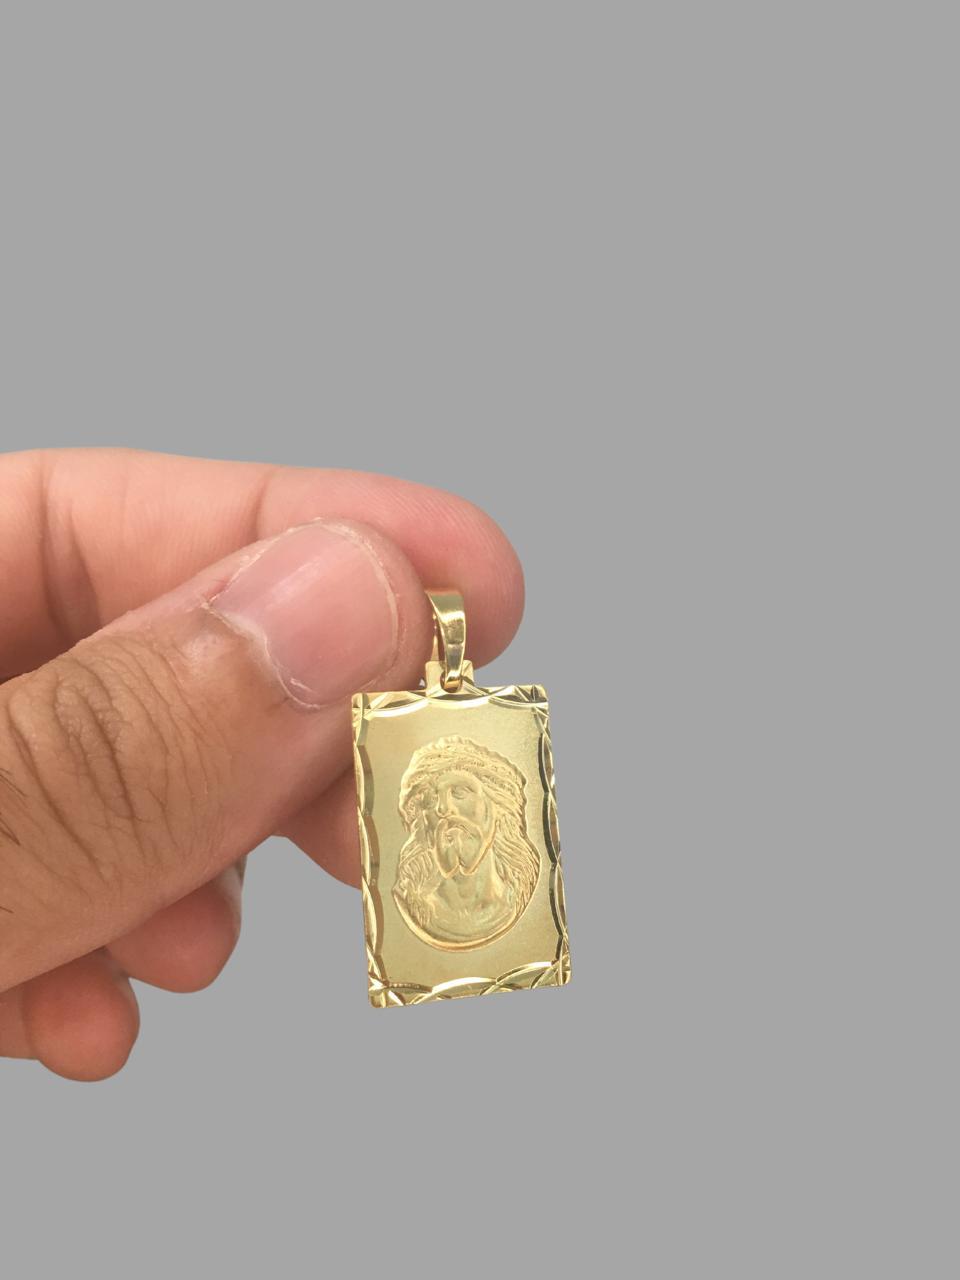 Pingente  Retangular com face de Jesus Cristo - Detalhes Diamantados - banhado a ouro 18k